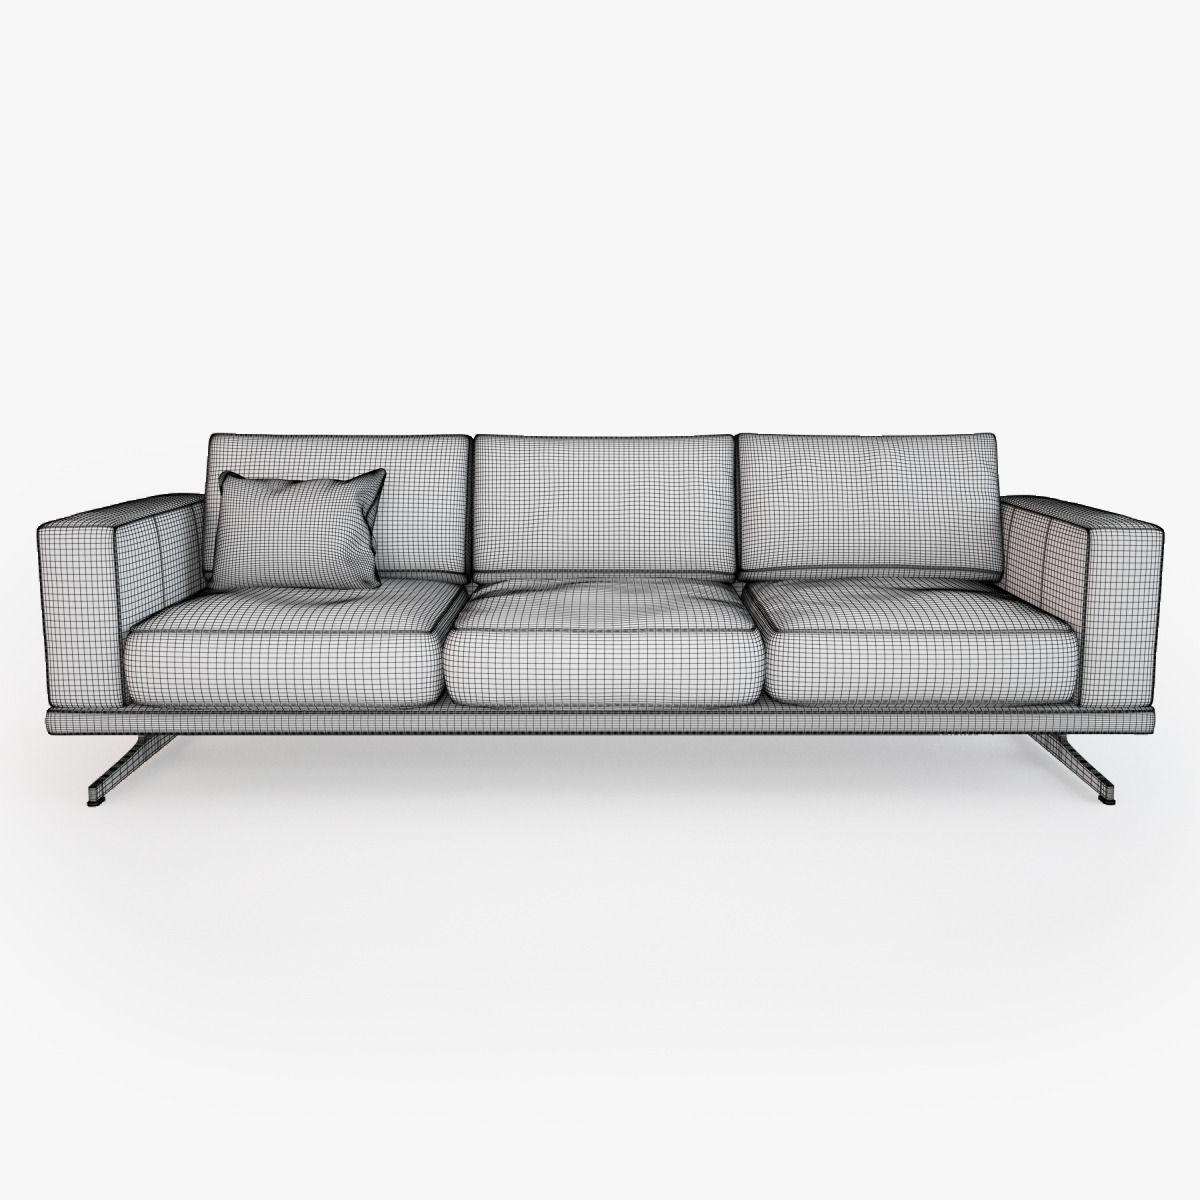 Boconcept Carlton Sofa Model Max Obj Fbx